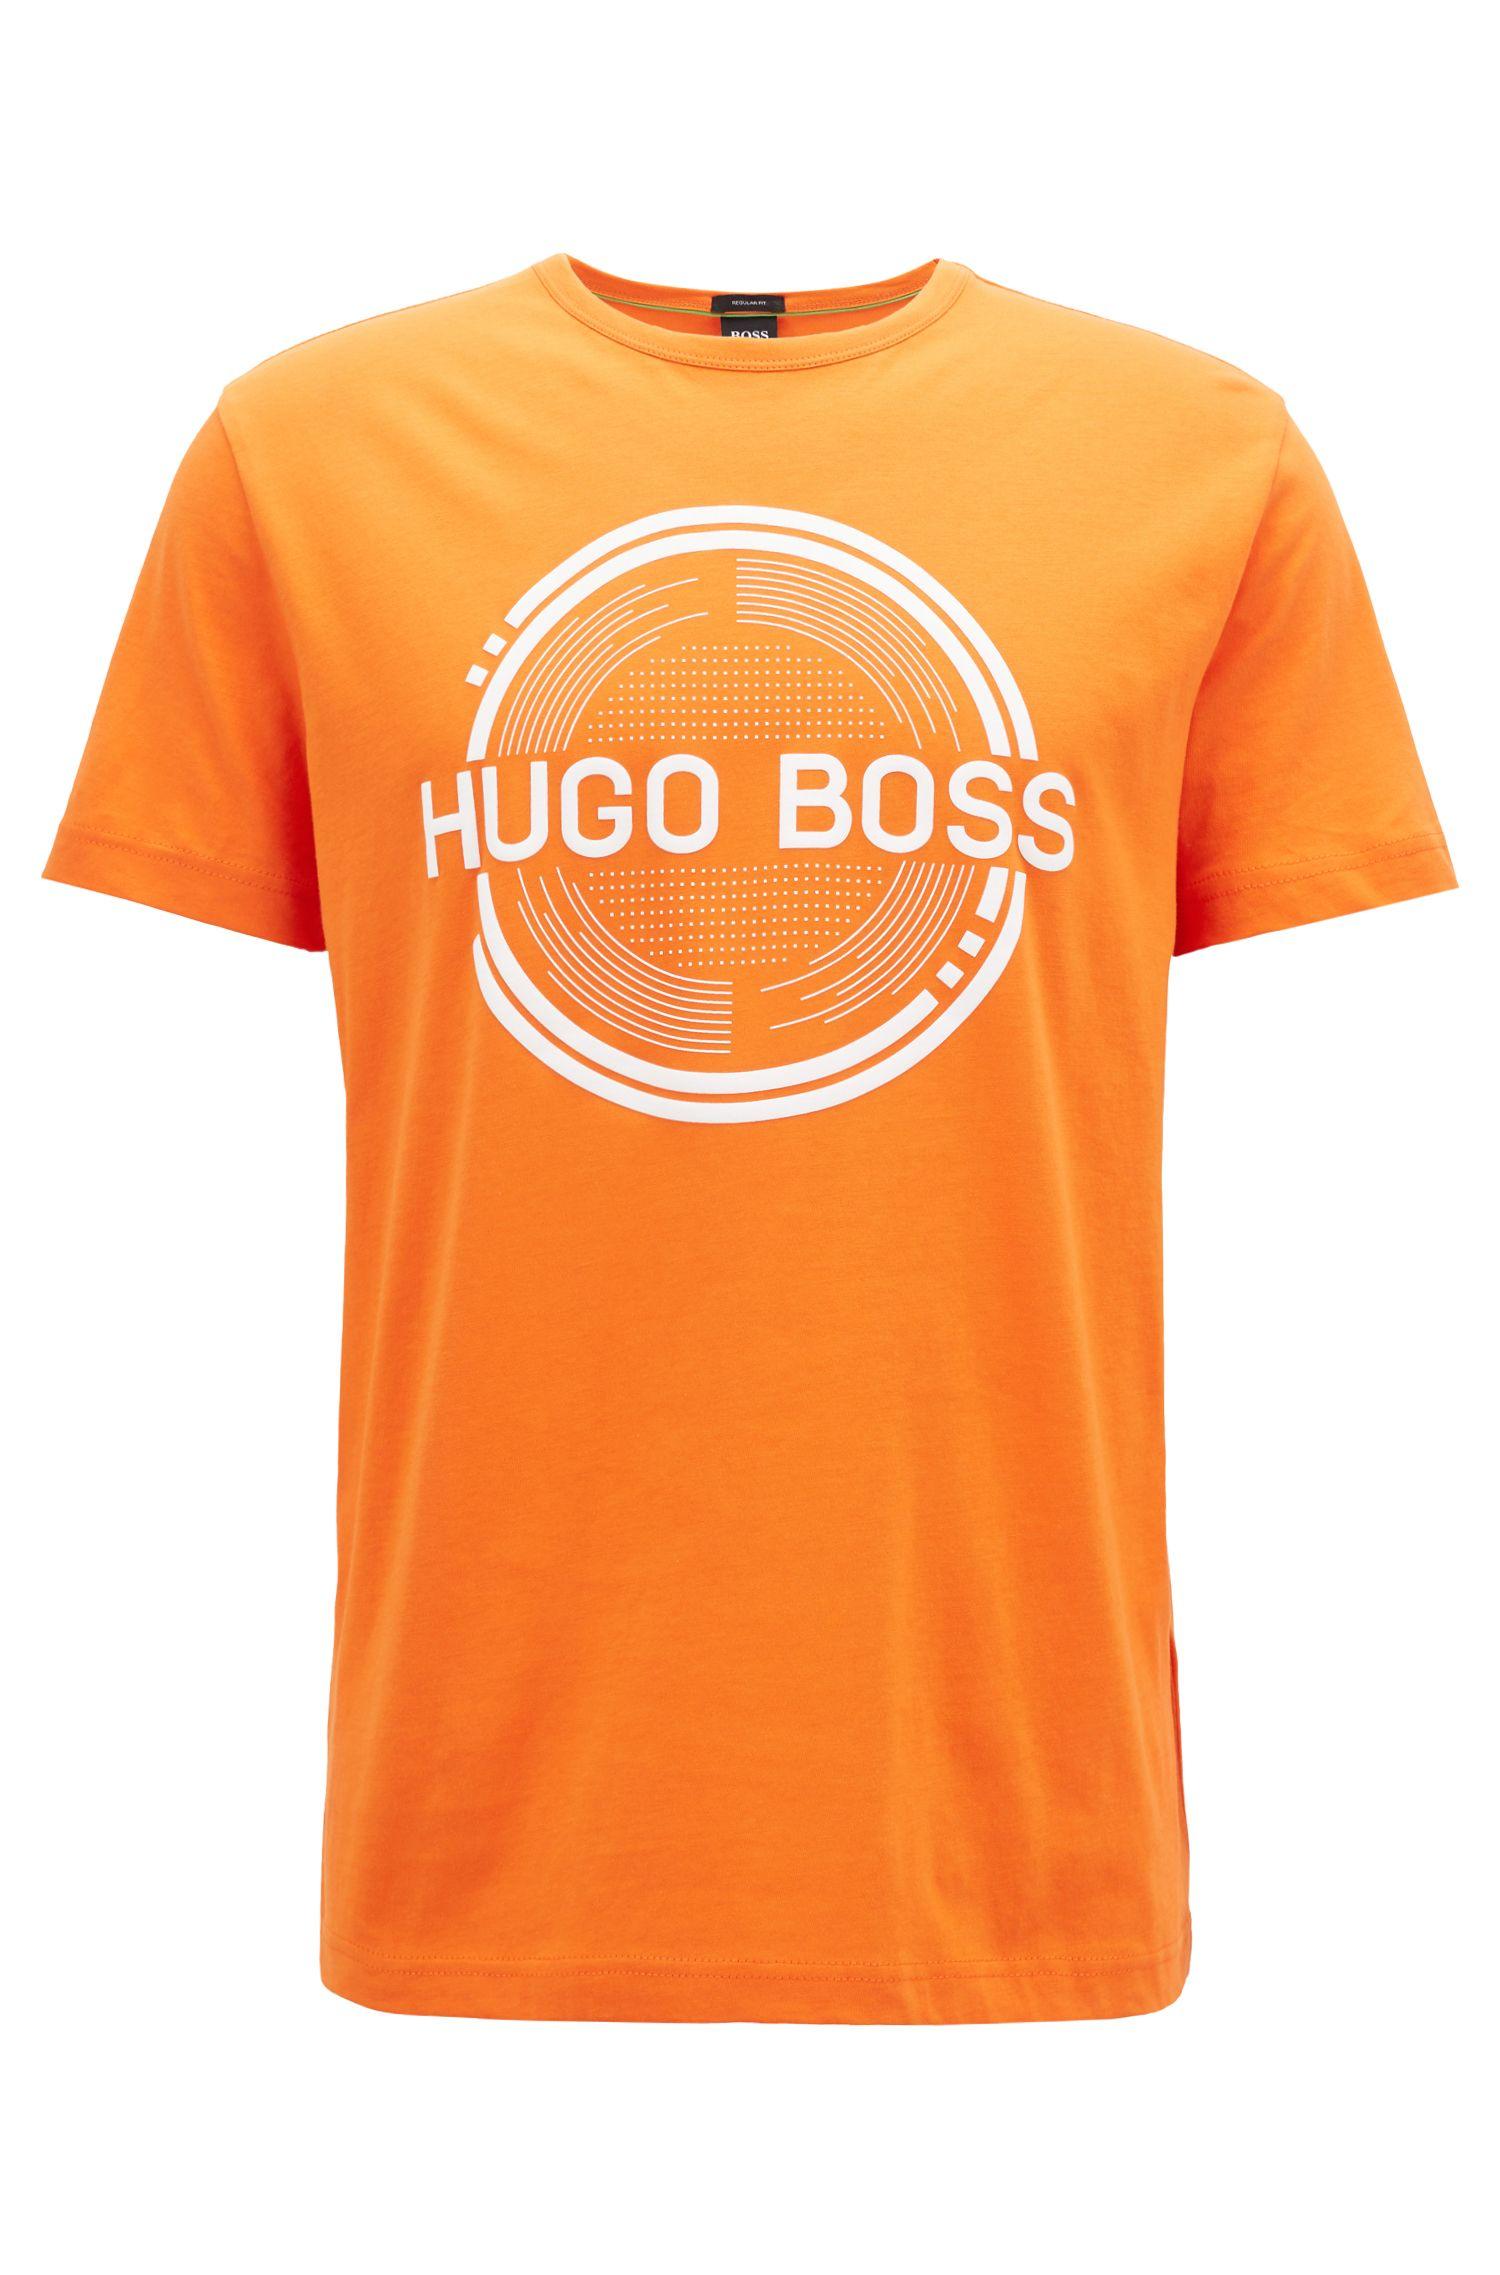 Camiseta estampada de manga corta, confeccionada en tejido de punto sencillo de algodón, Naranja